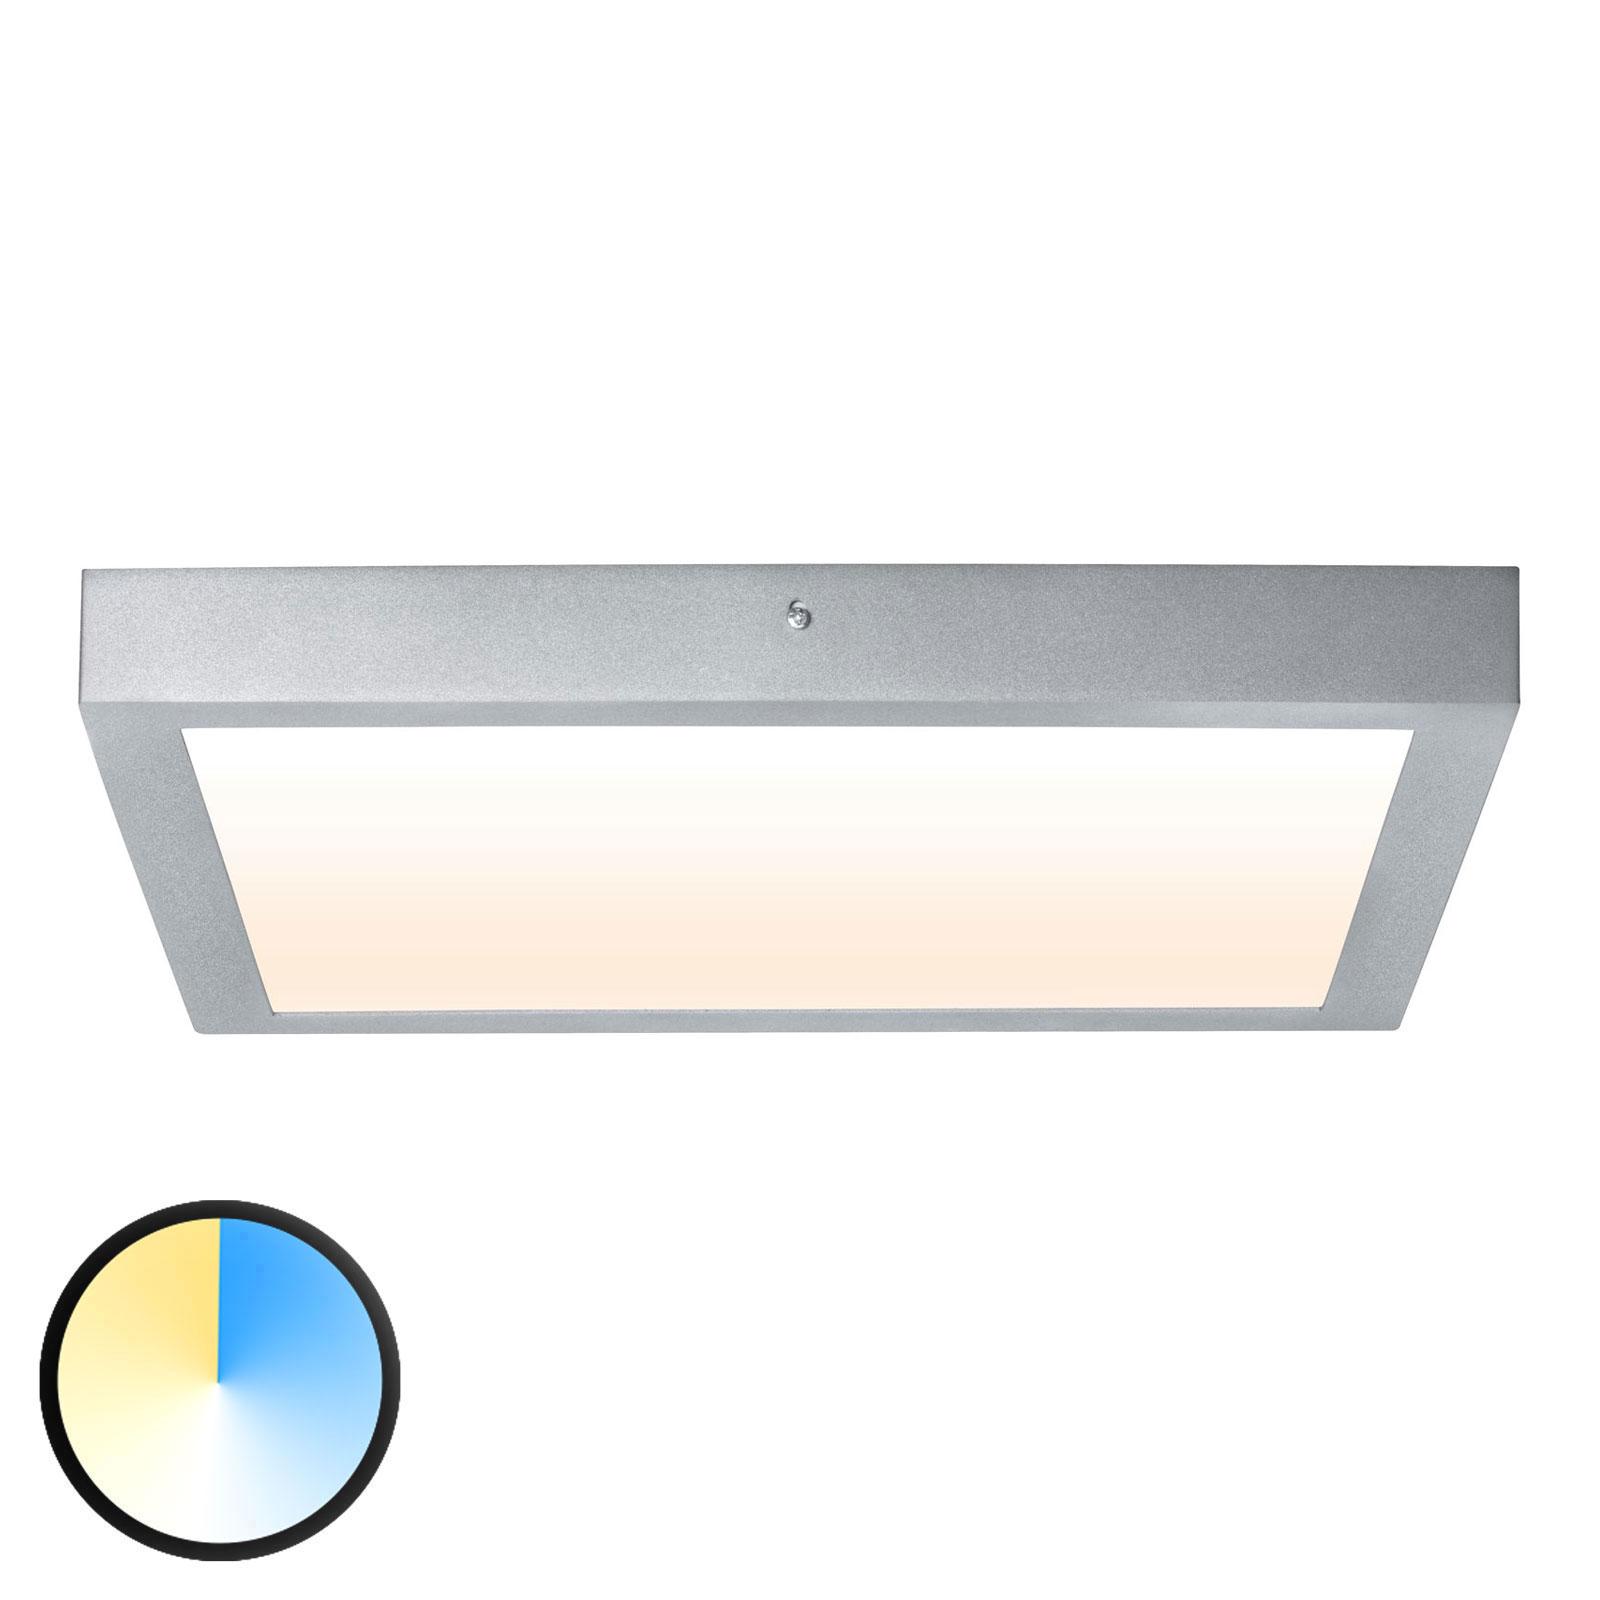 Paulmann Carpo LED plafondlamp chroom 40x40cm